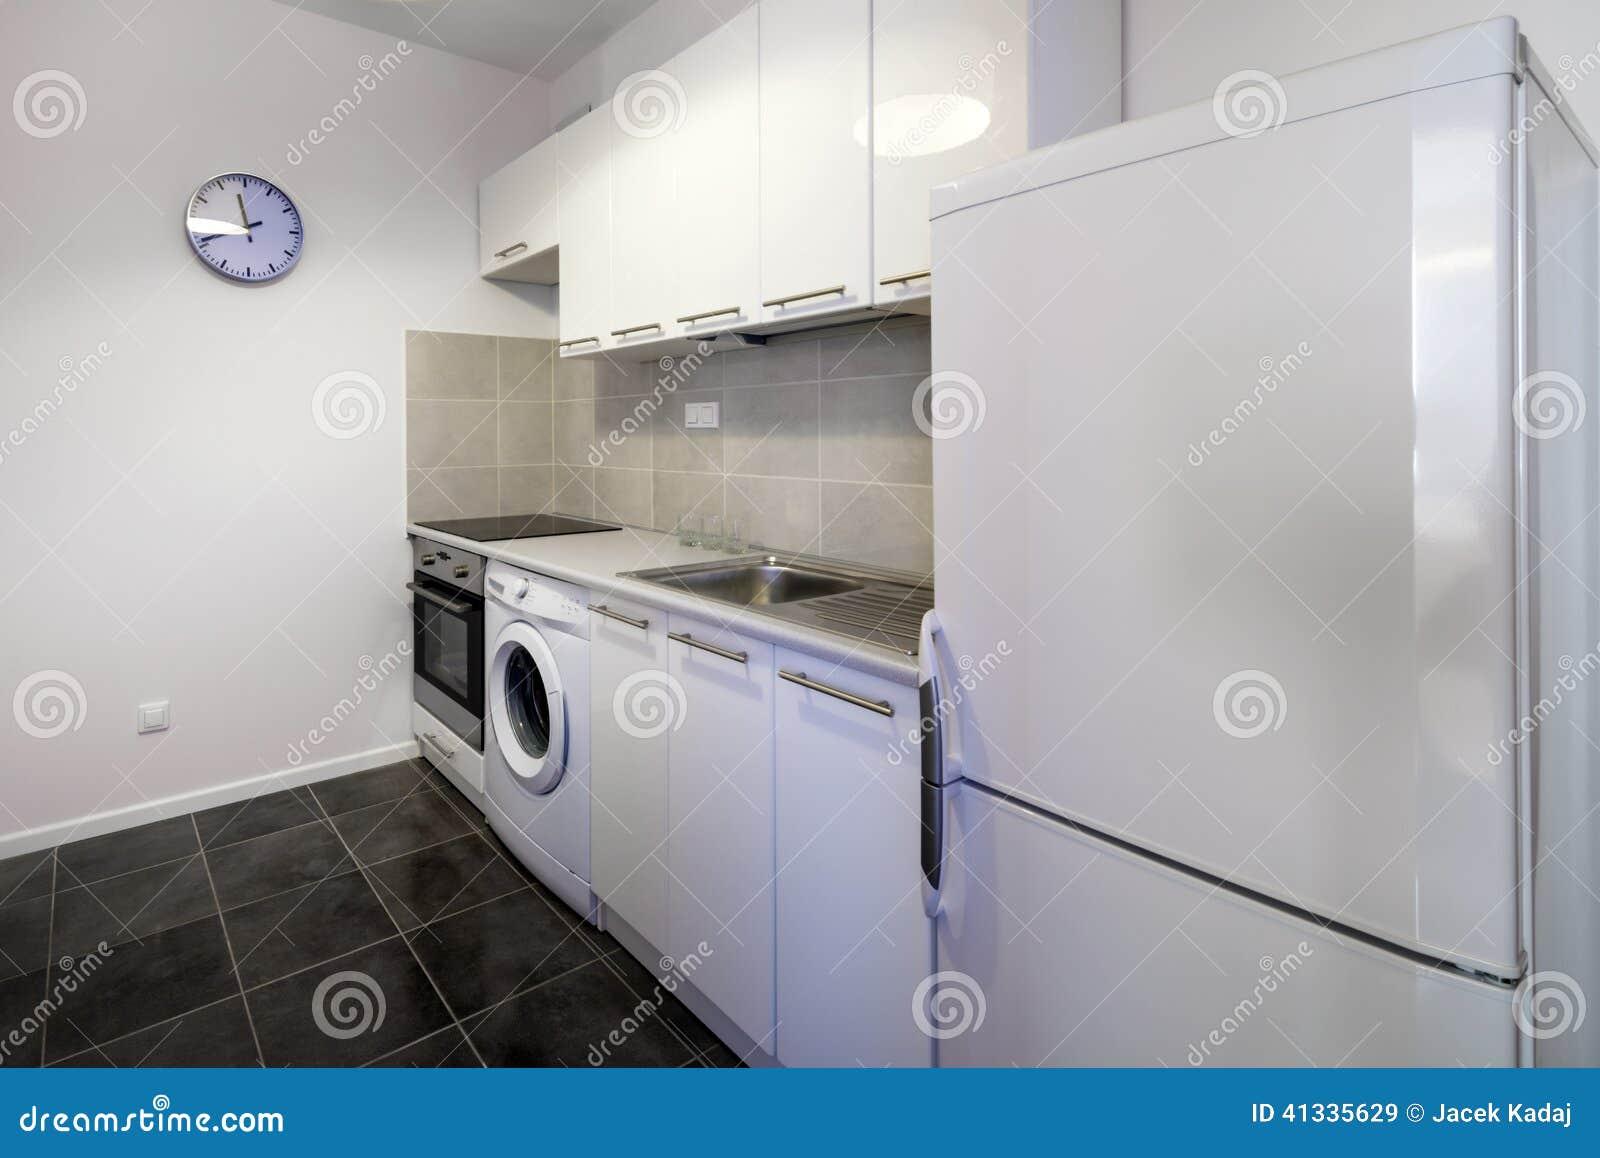 Saubere Innenarchitektur Der Modernen Weißen Küche Stockbild - Bild ...